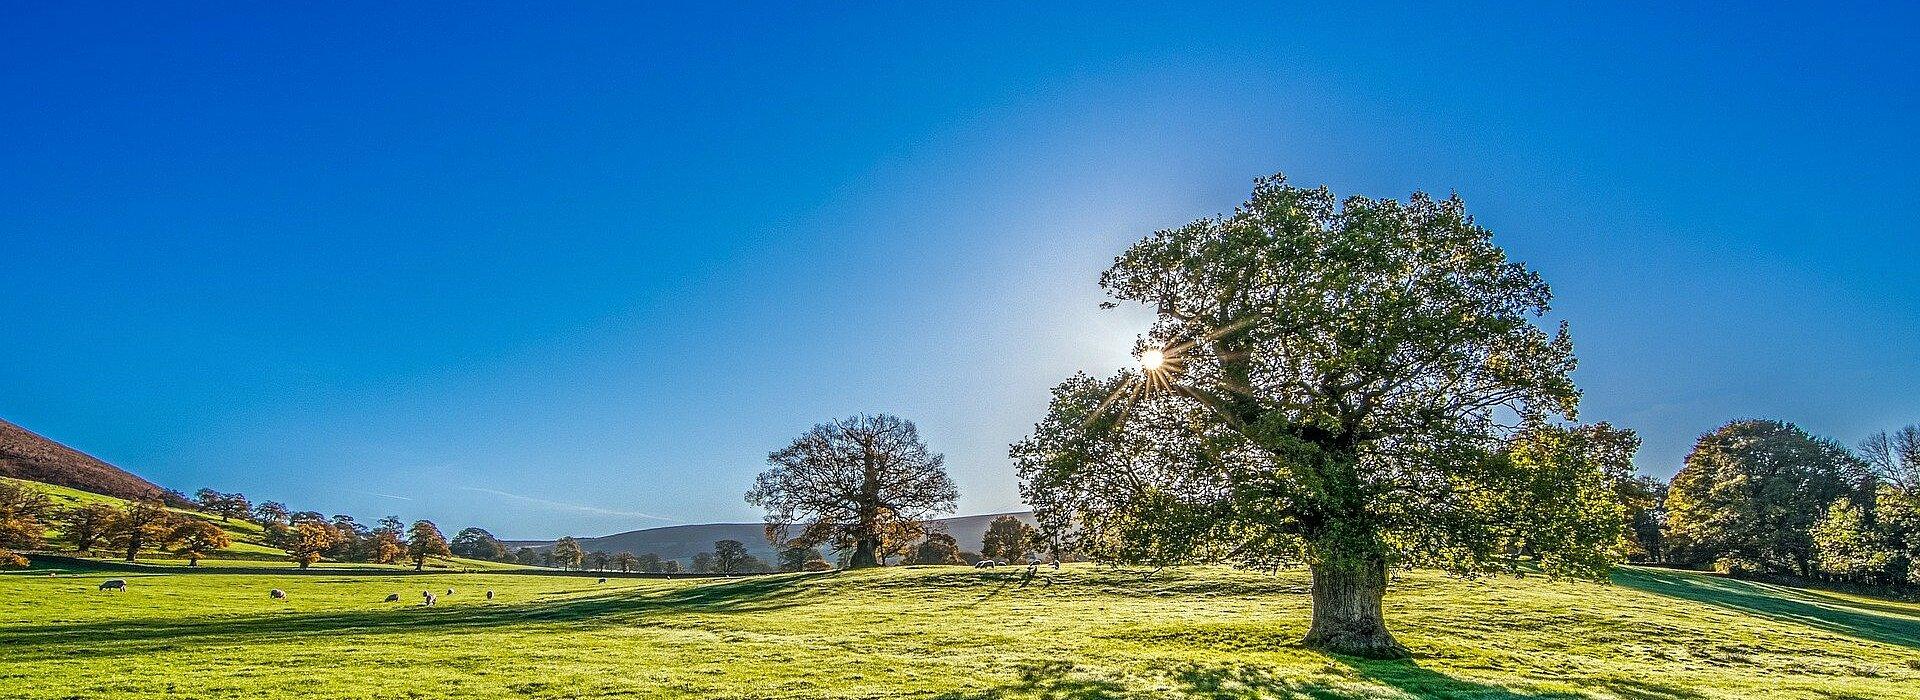 Imagem retrata um campo com árvores e um céu bem azul